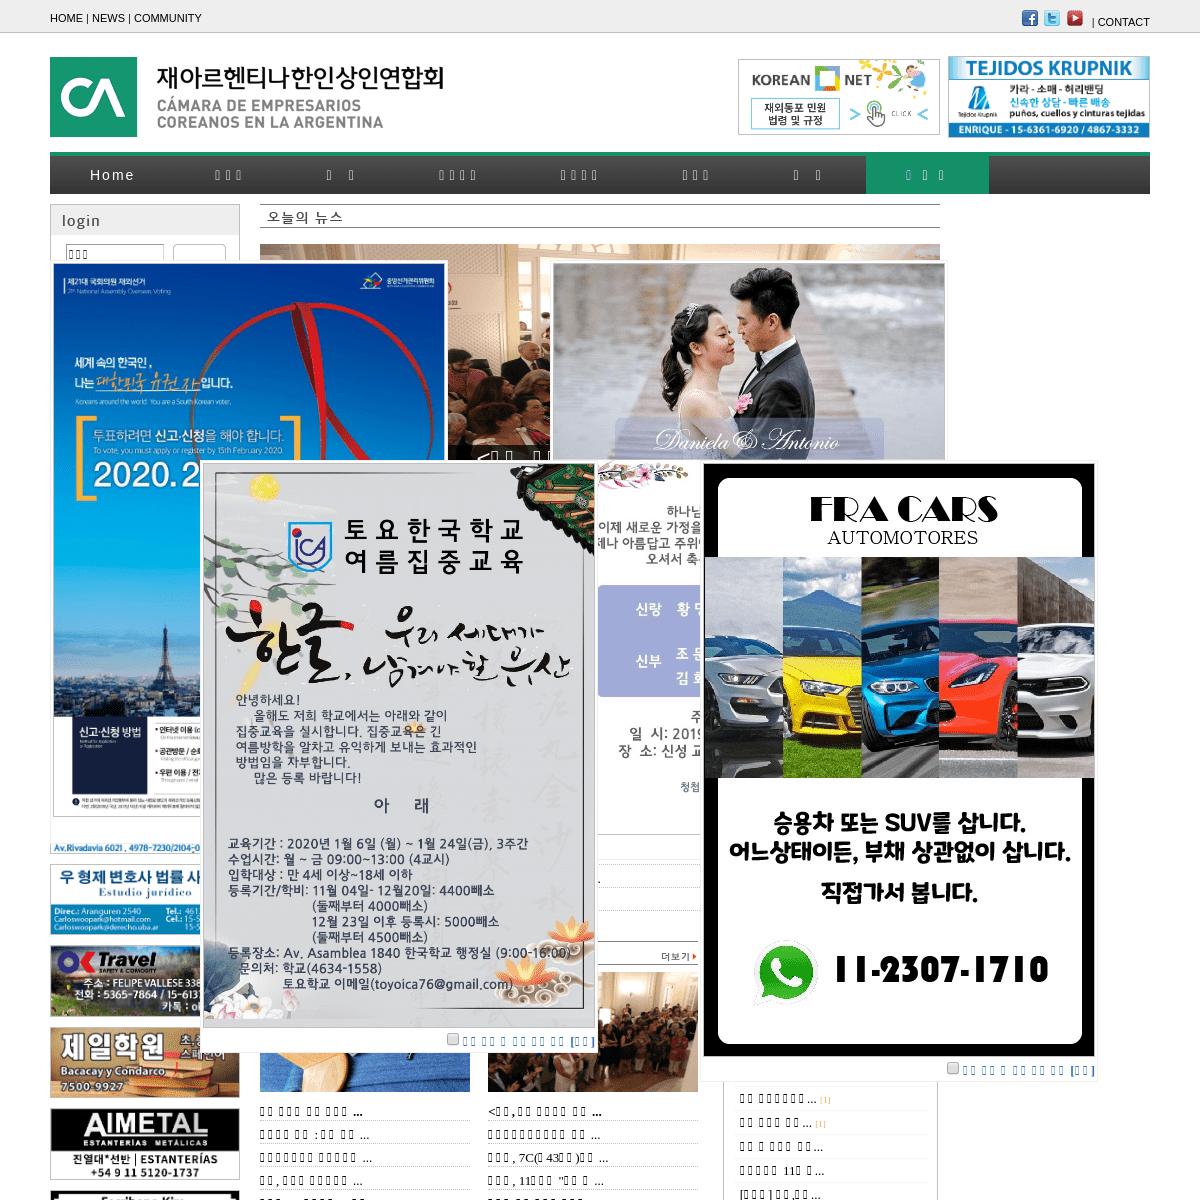 재아 상인 연합회